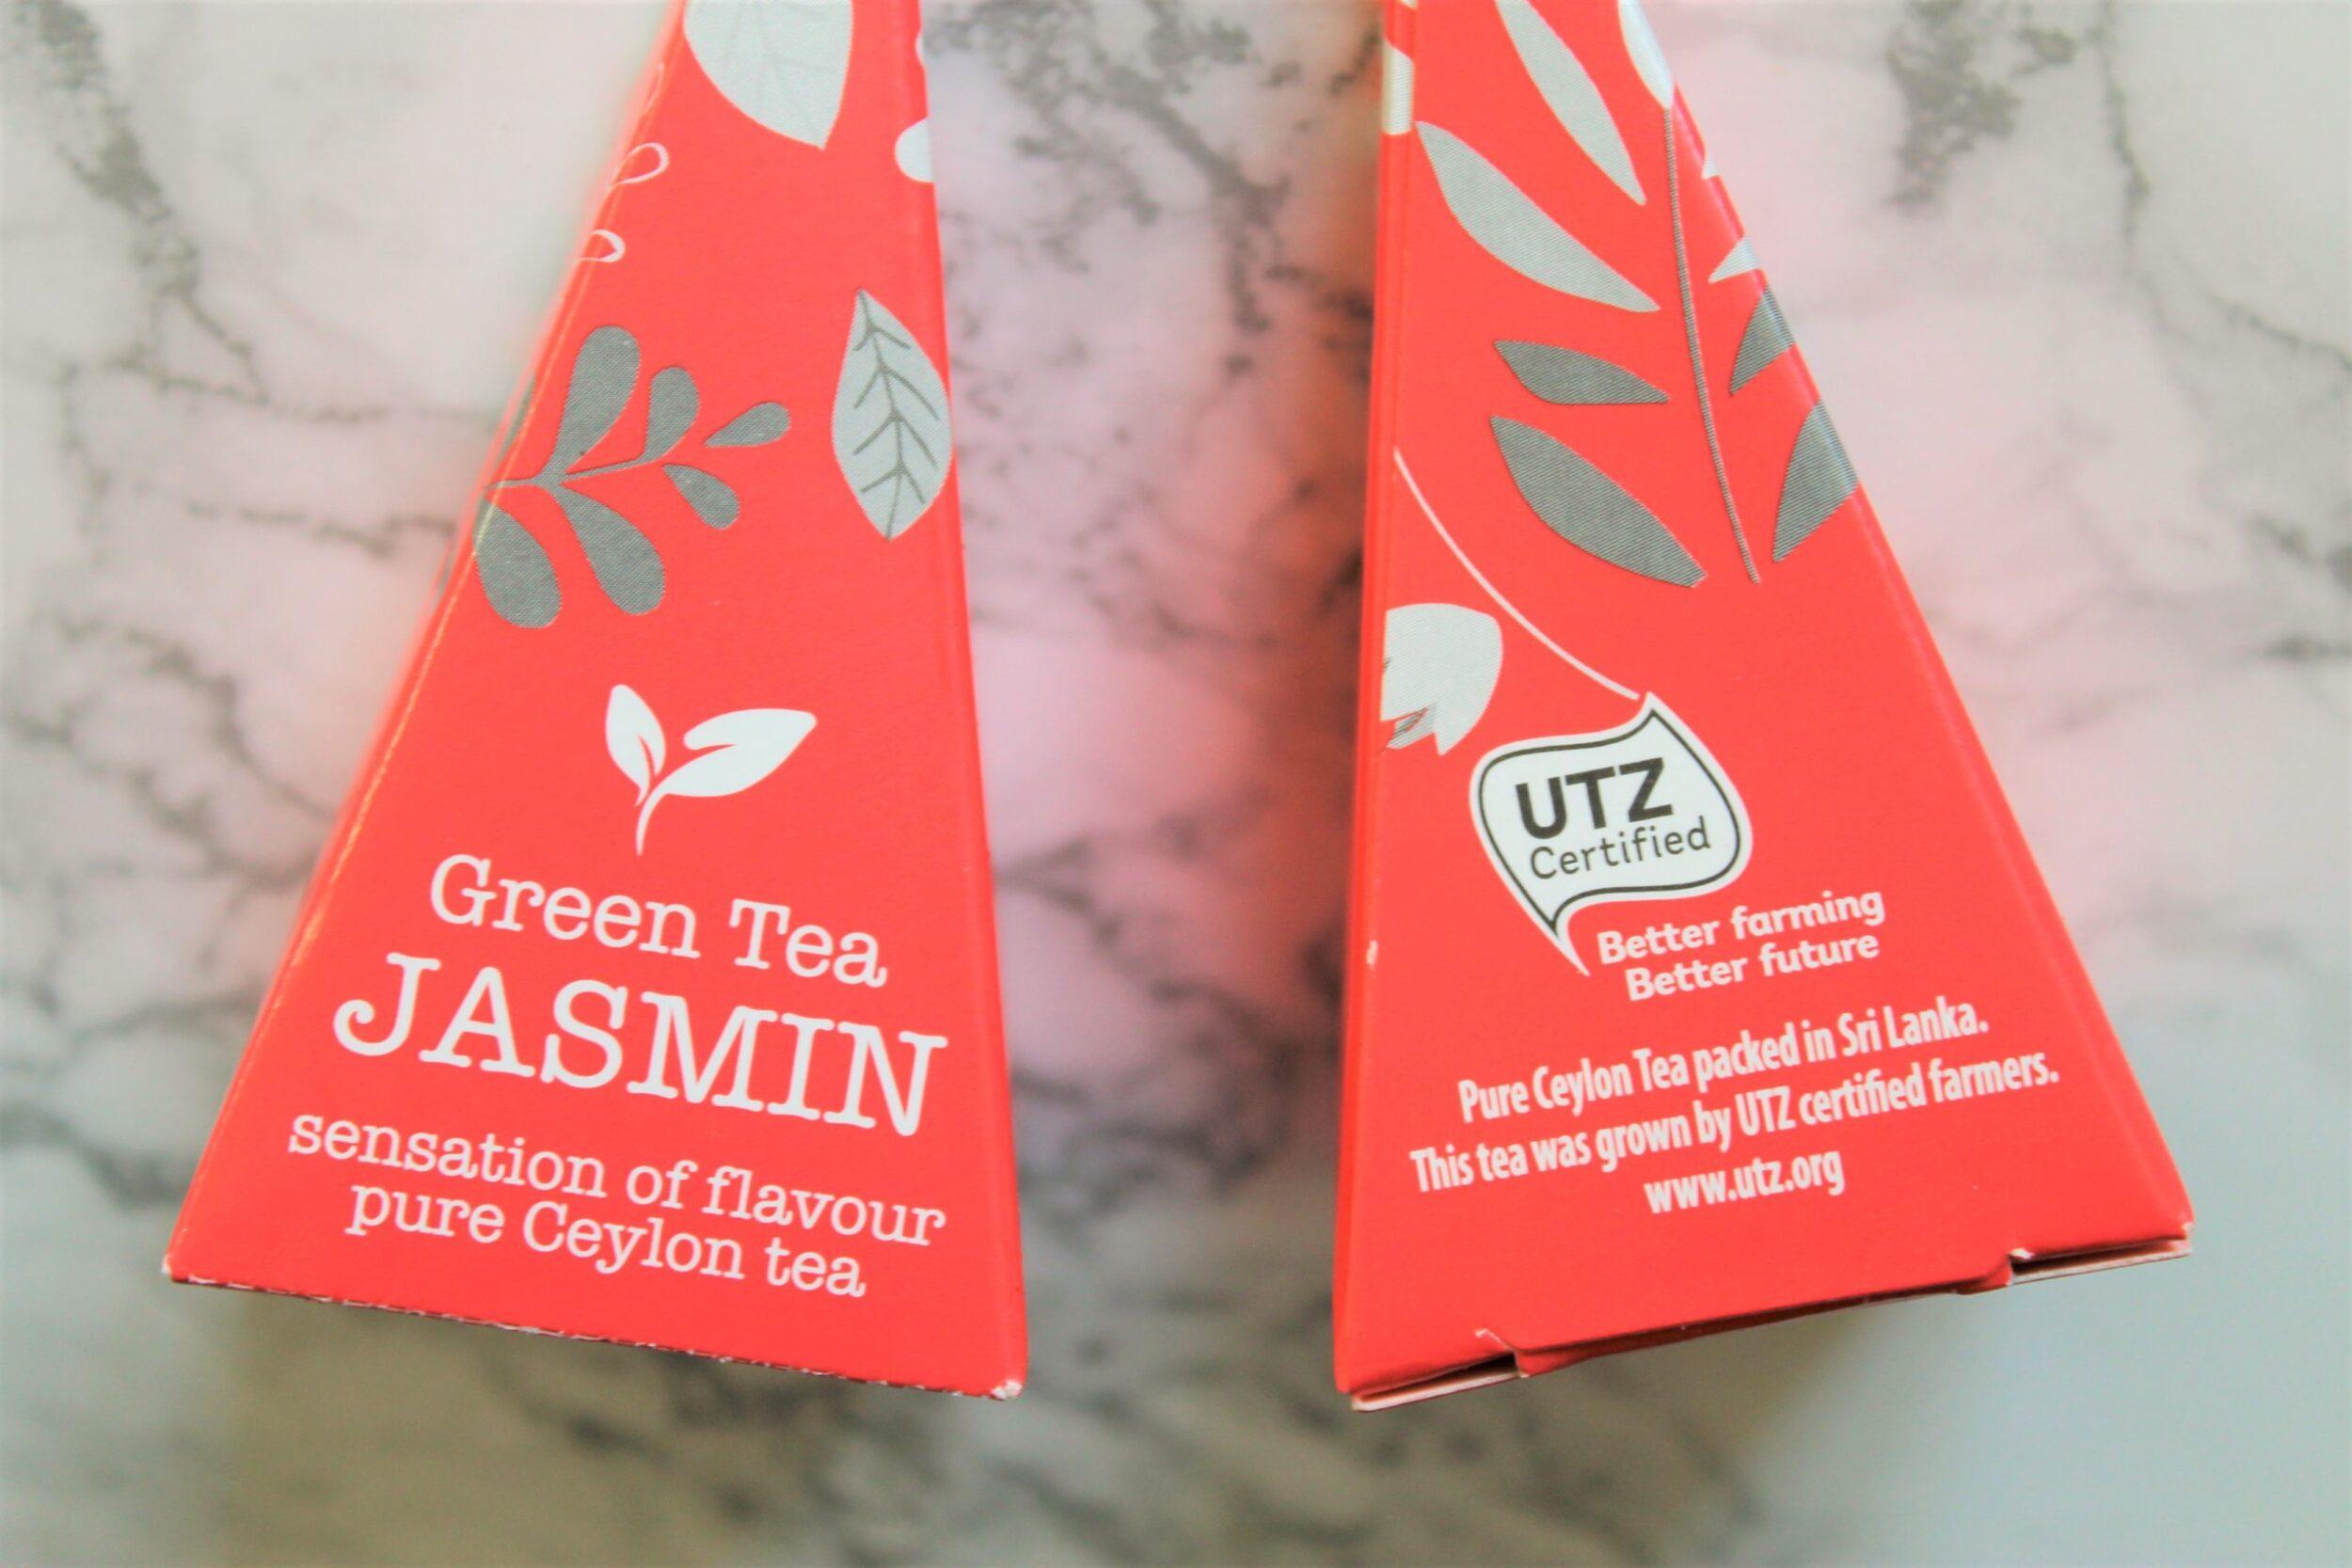 jasmin green tea pyramids